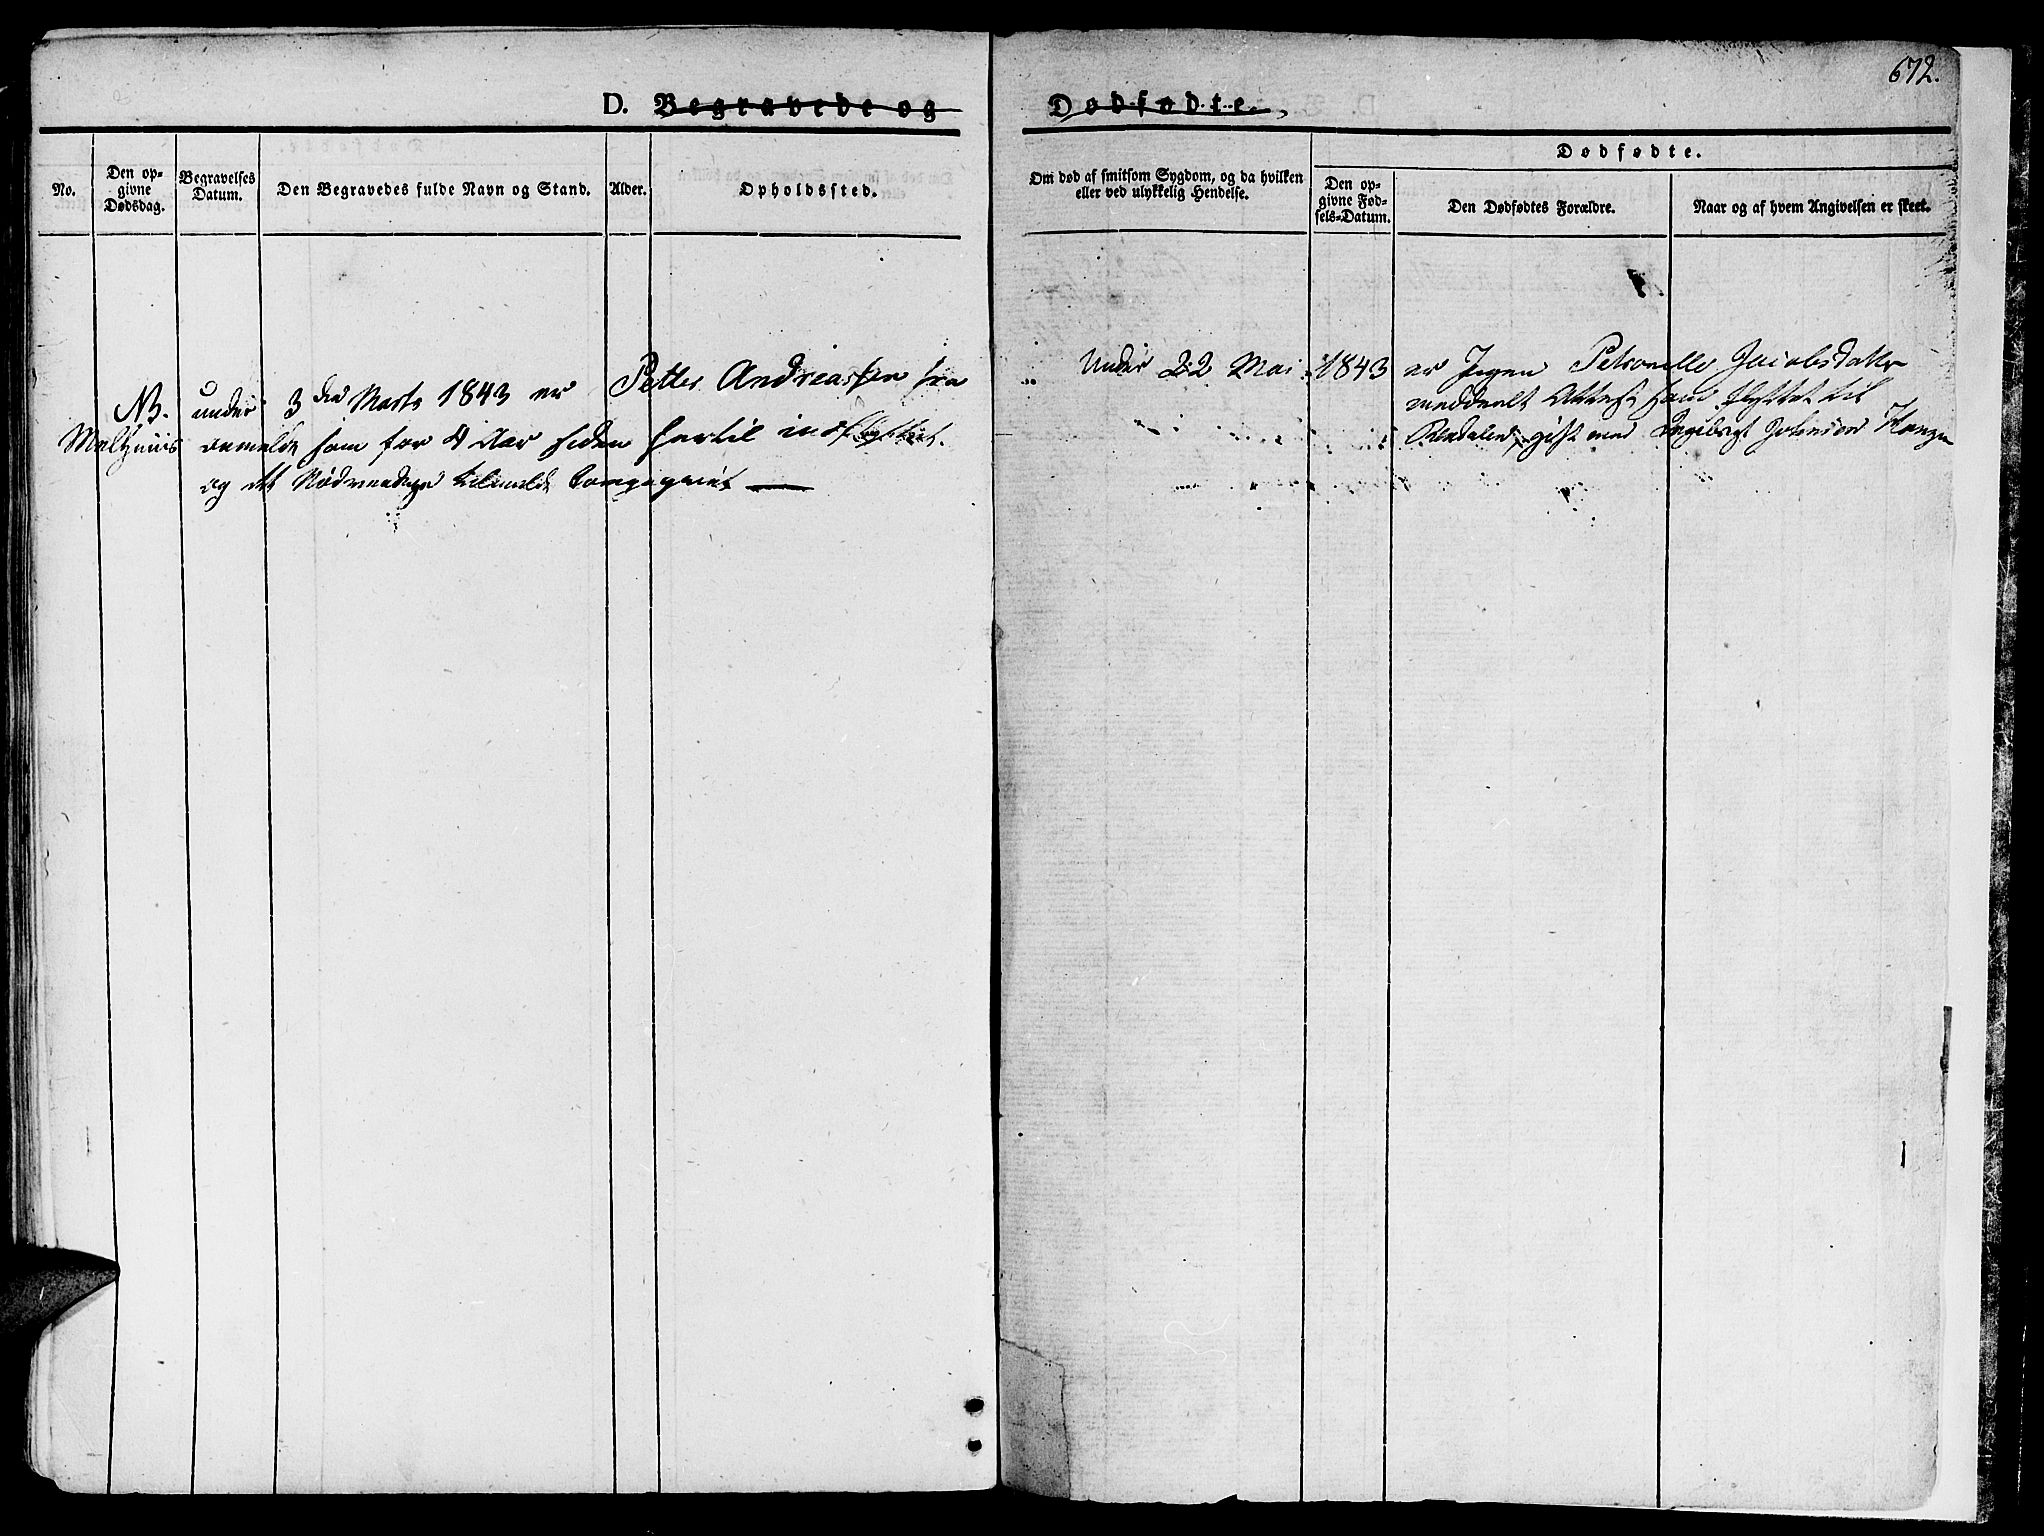 SAT, Ministerialprotokoller, klokkerbøker og fødselsregistre - Sør-Trøndelag, 681/L0930: Ministerialbok nr. 681A08, 1829-1844, s. 672